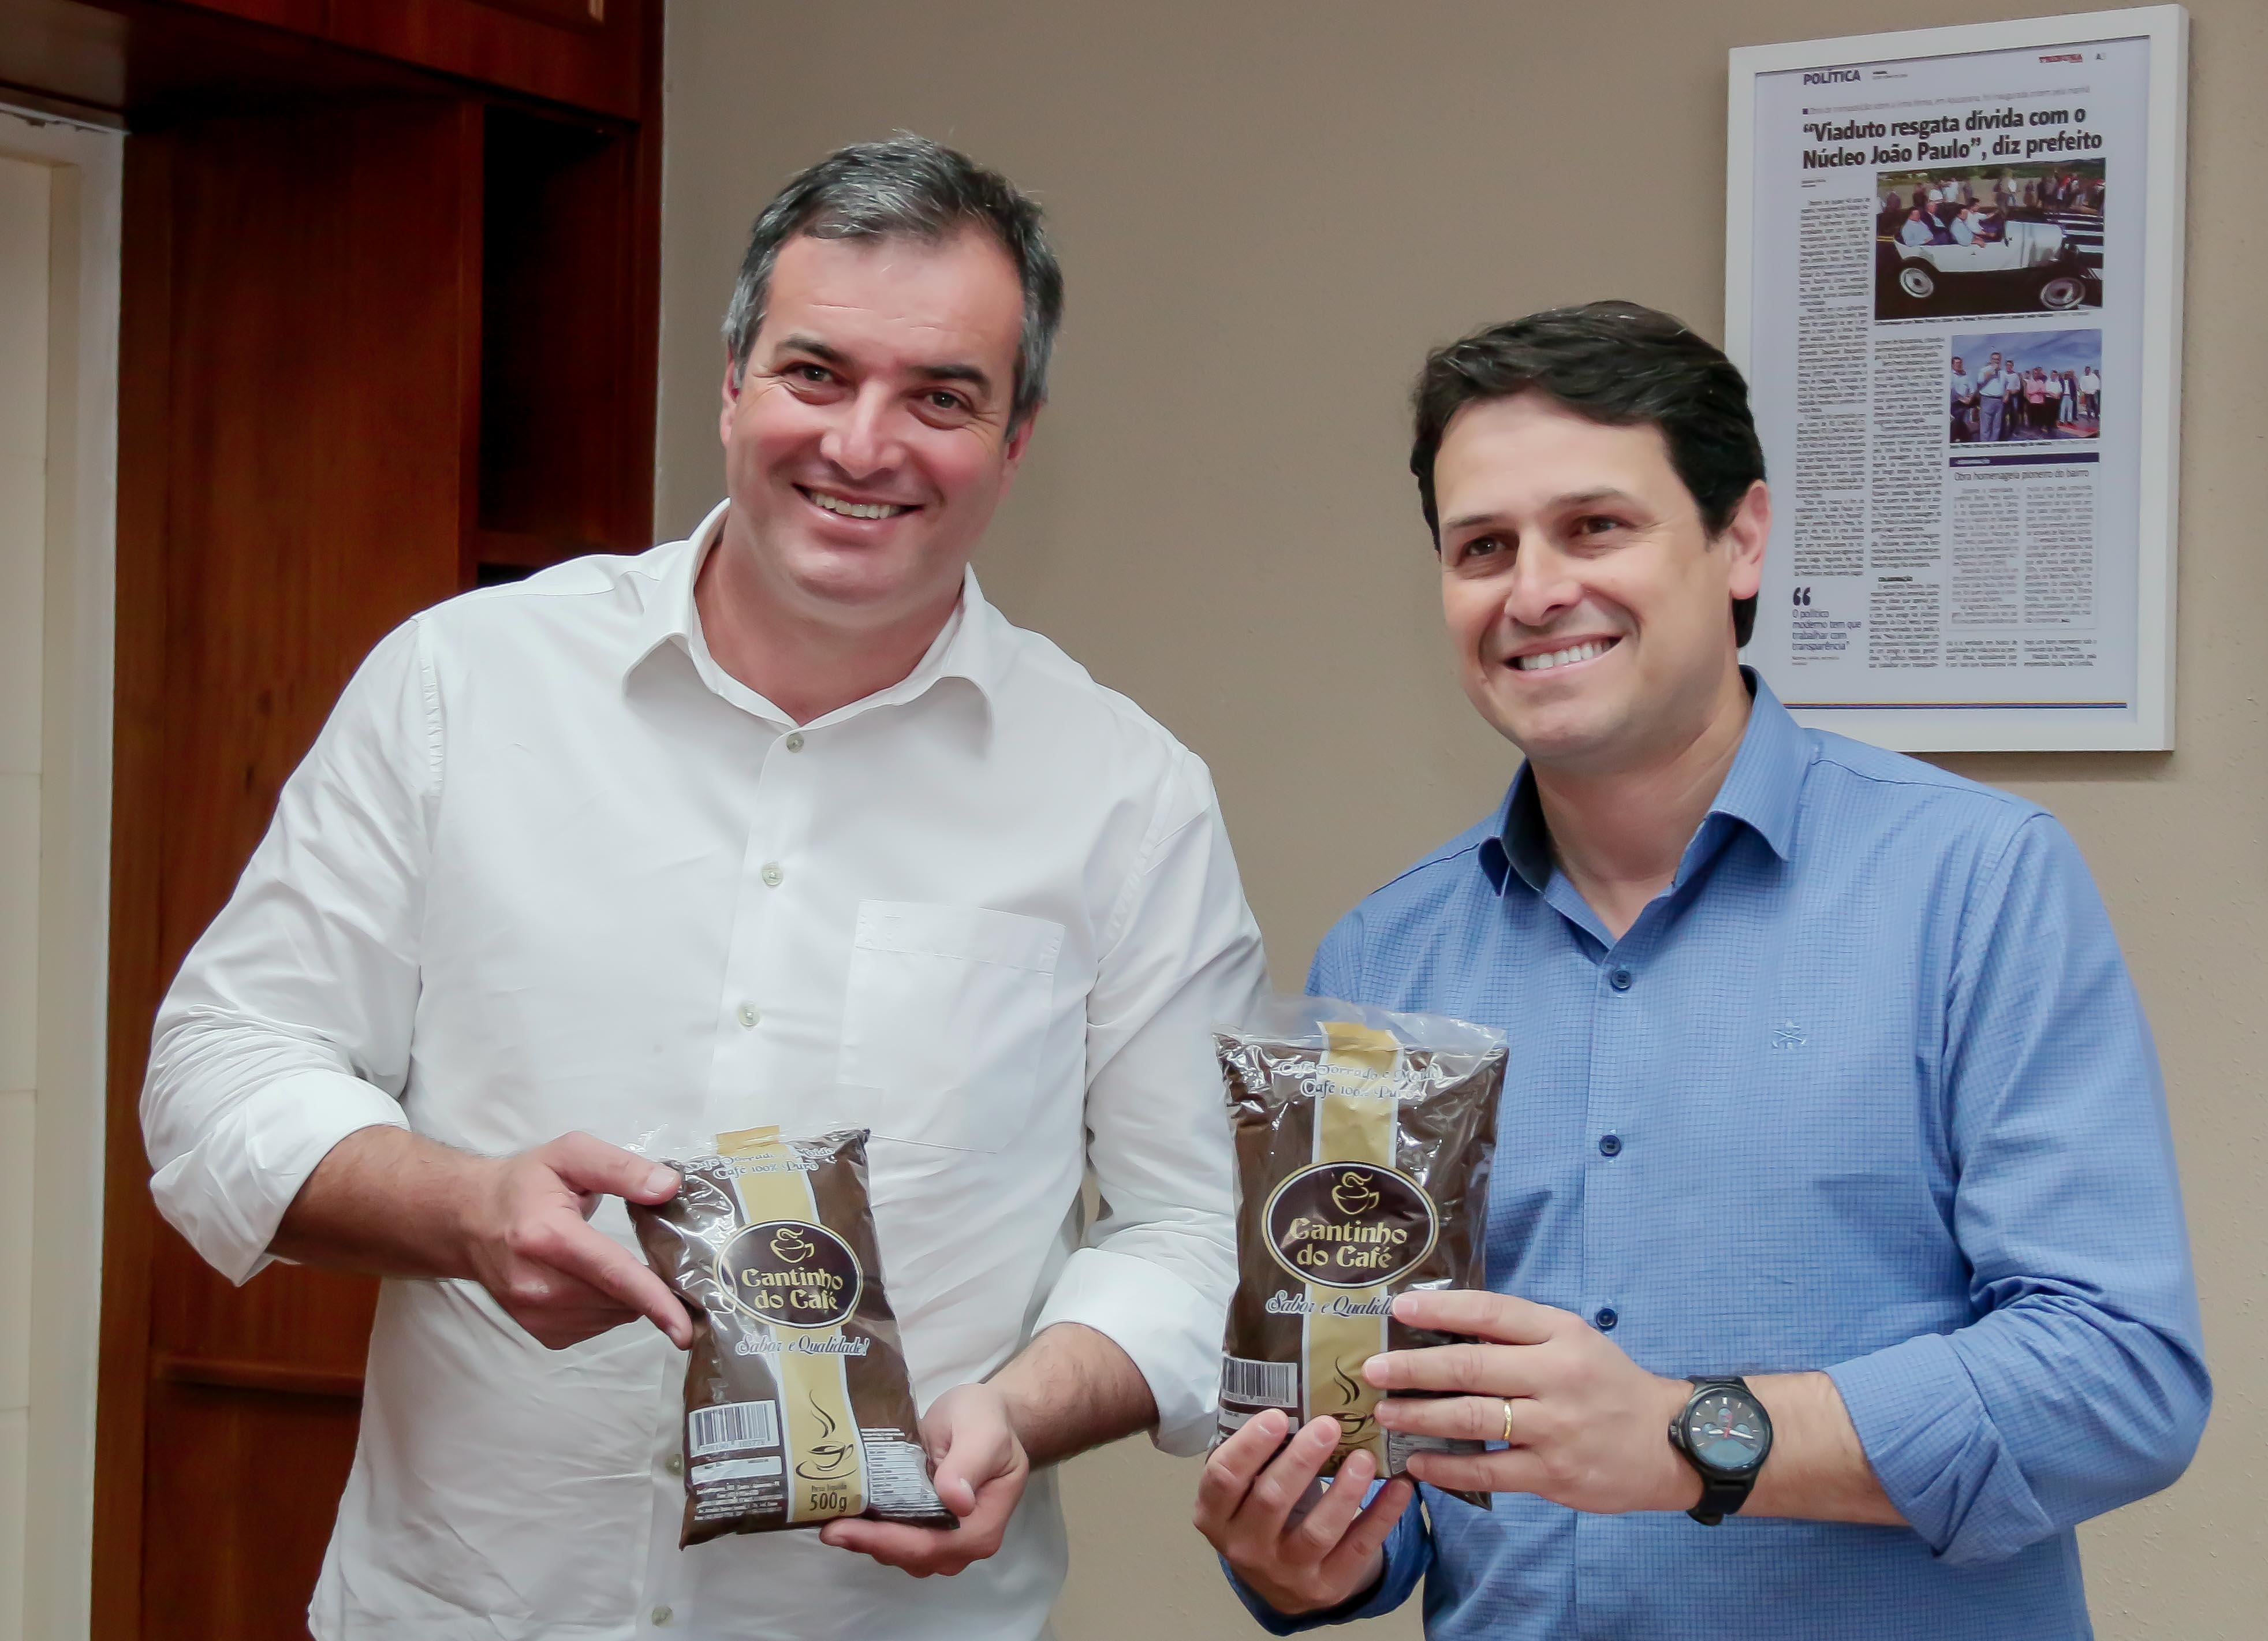 Júnior da Femac, prefeito de Apucarana, que nesta quinta-feira (29/08) esteve reunido, no gabinete municipal, com o prefeito de Cambira, Emerson Toledo Pires. Foto: Edson Denobi